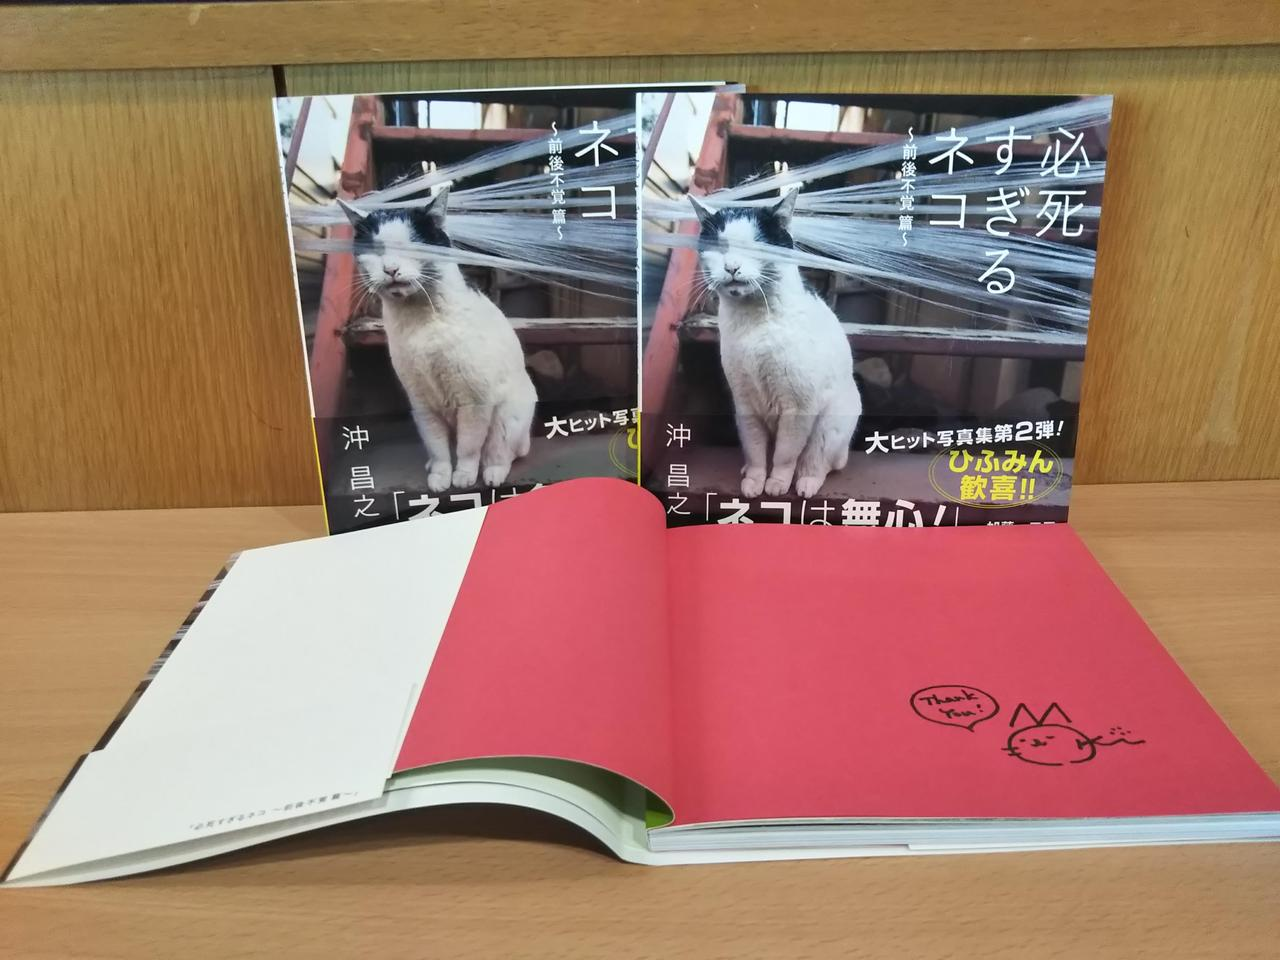 画像: 渾身の第2弾!「~必死すぎるネコ 前後不覚篇~」発売中!